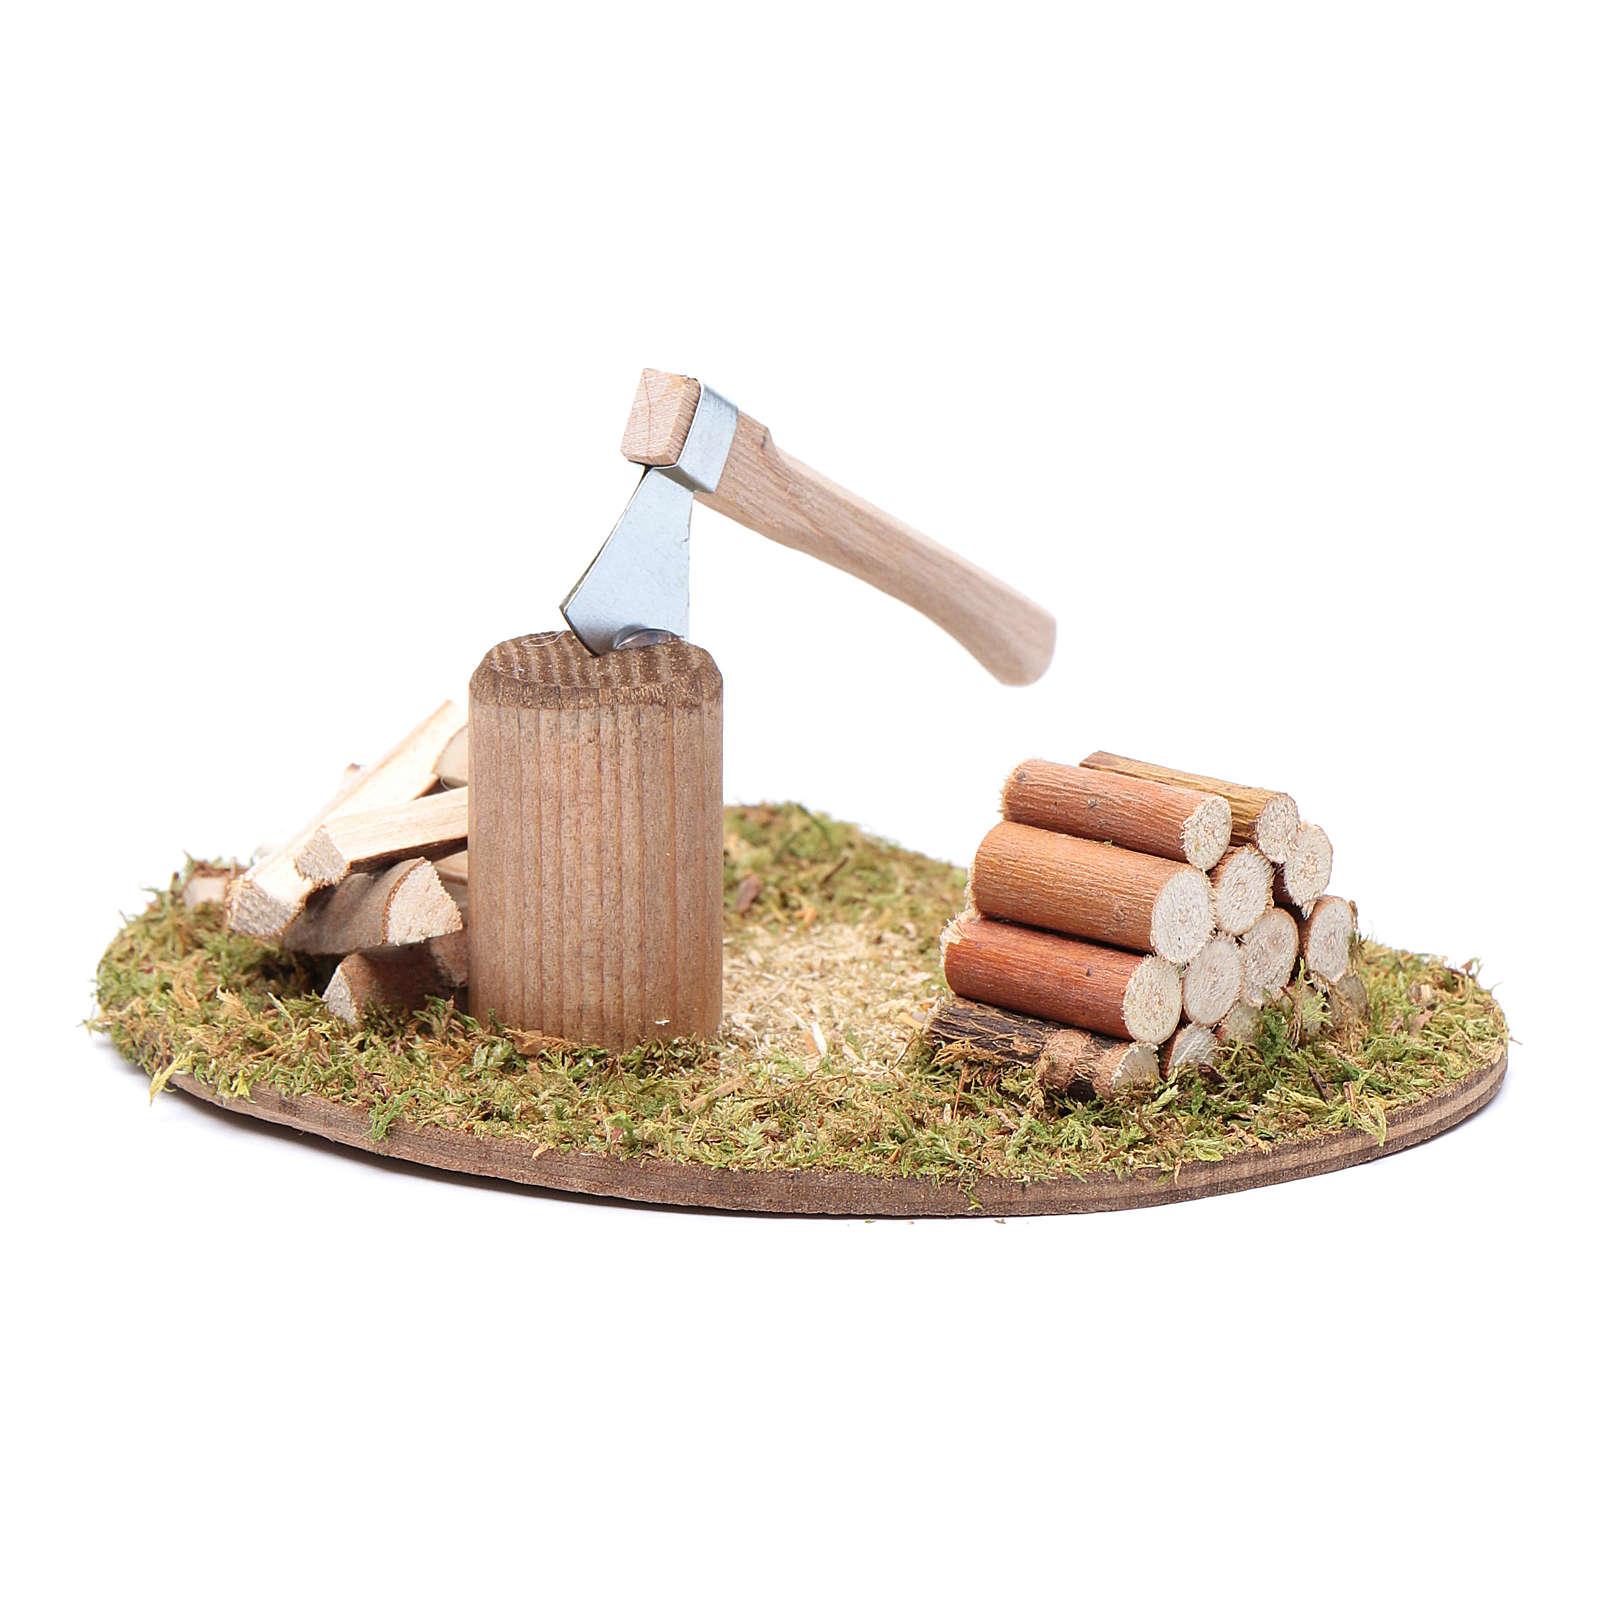 Hacha y troncos para cortar accesorio para belén 4